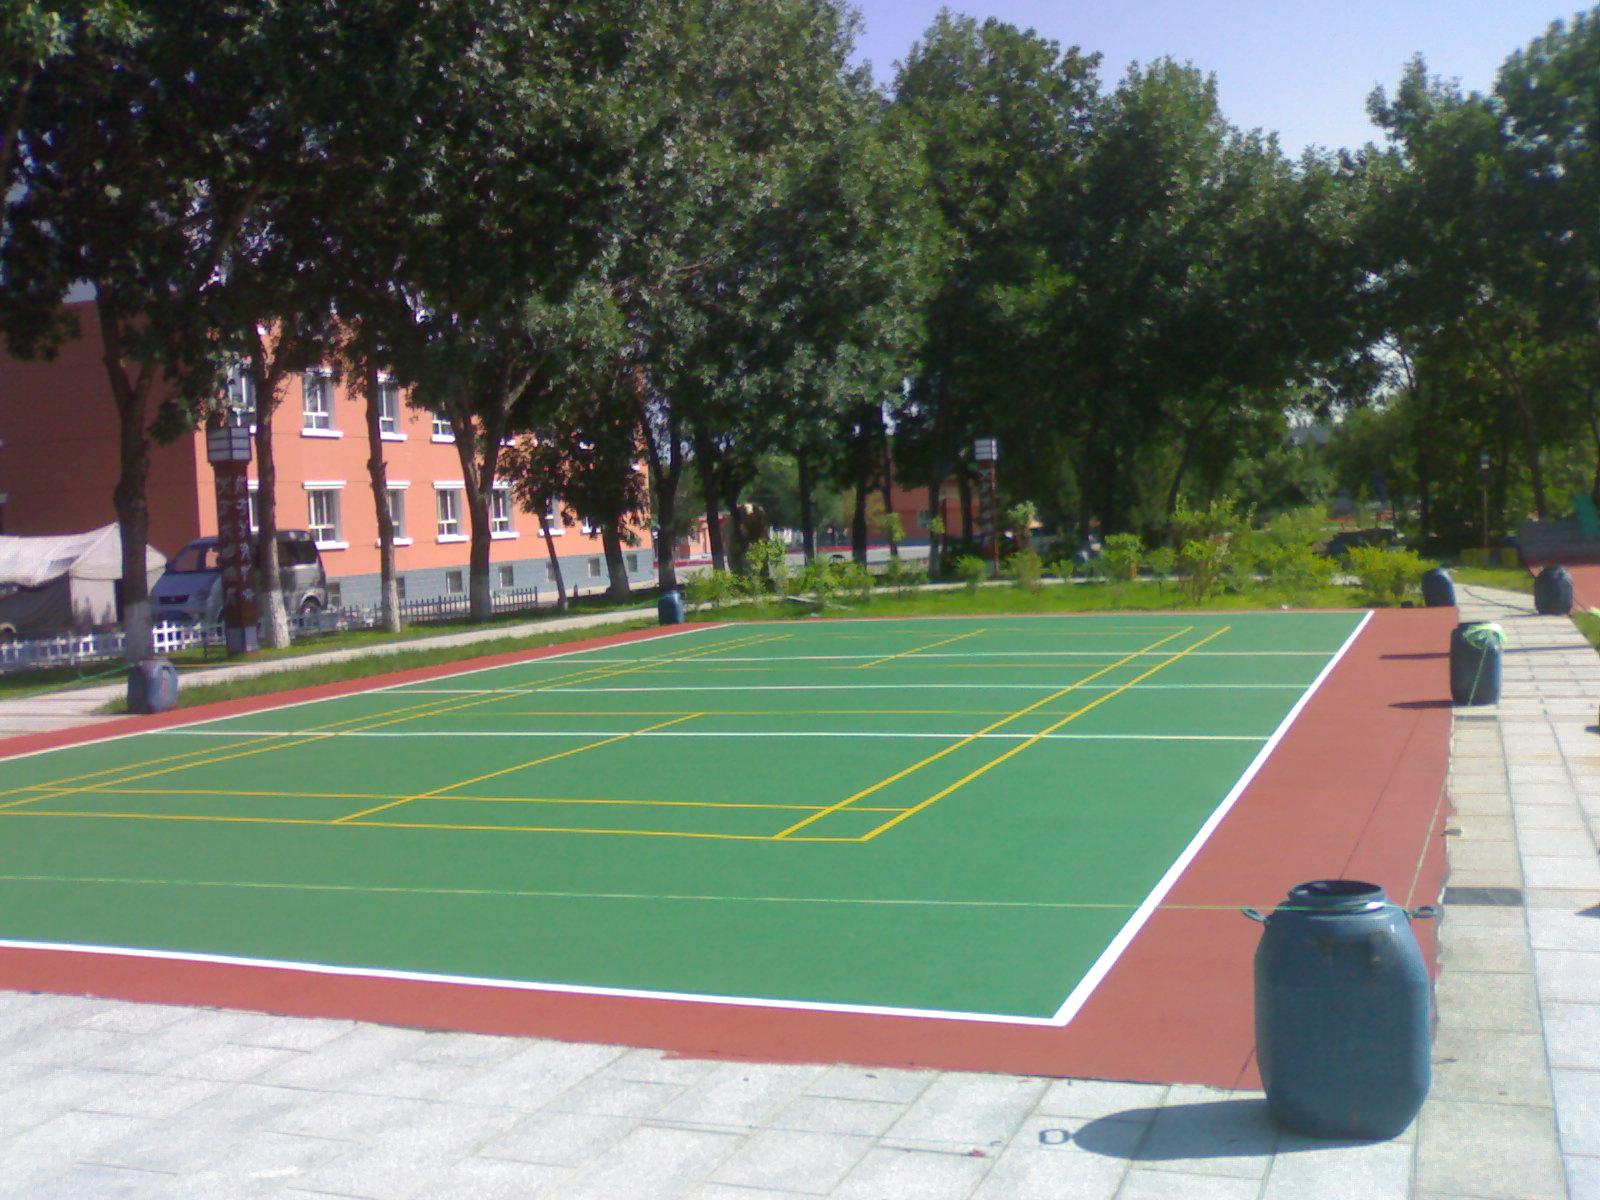 室外丙烯酸篮球场地面材料弹性丙烯酸篮球场涂料地坪漆地板漆球场